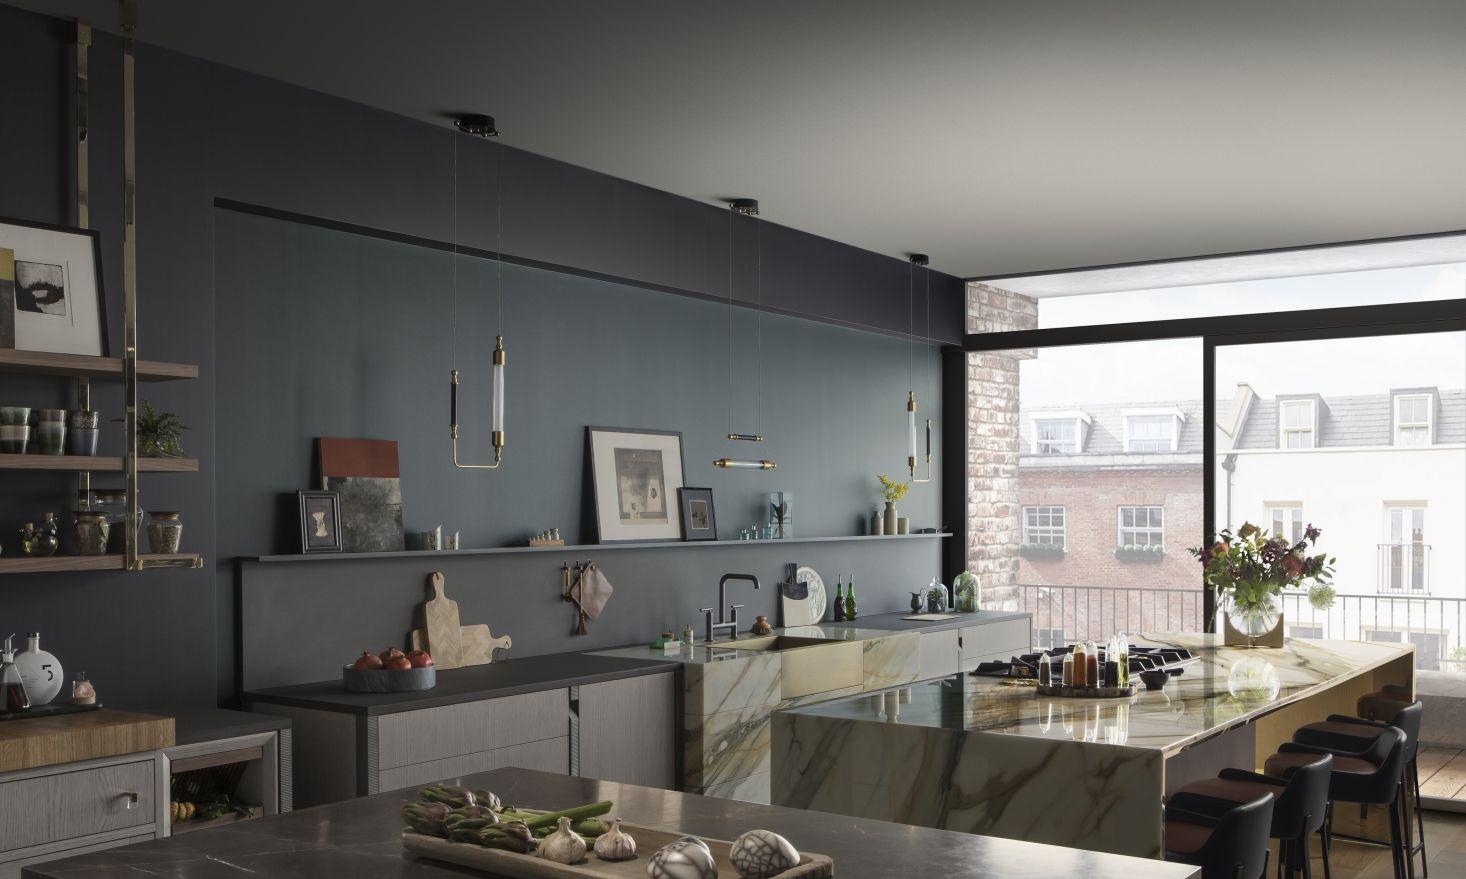 豪华的欧式厨房系统,嵌入式餐具柜可以存放熟食